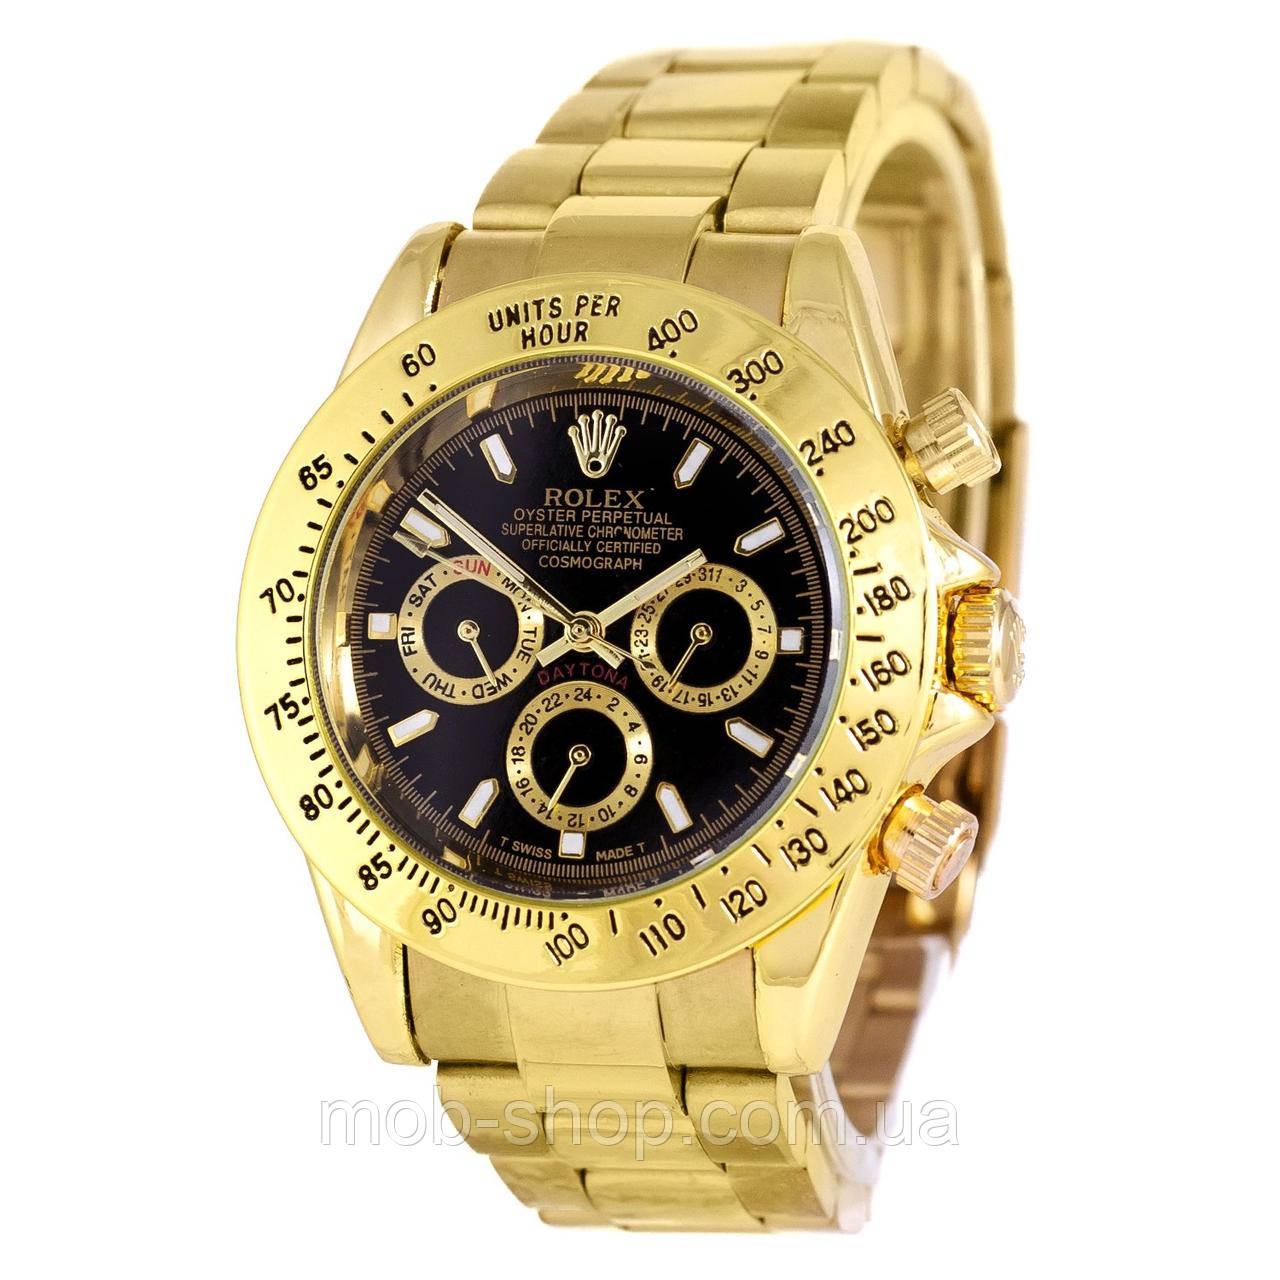 Стильные мужские механические часы Rolex Daytona Automatic AA Men Gold-Black